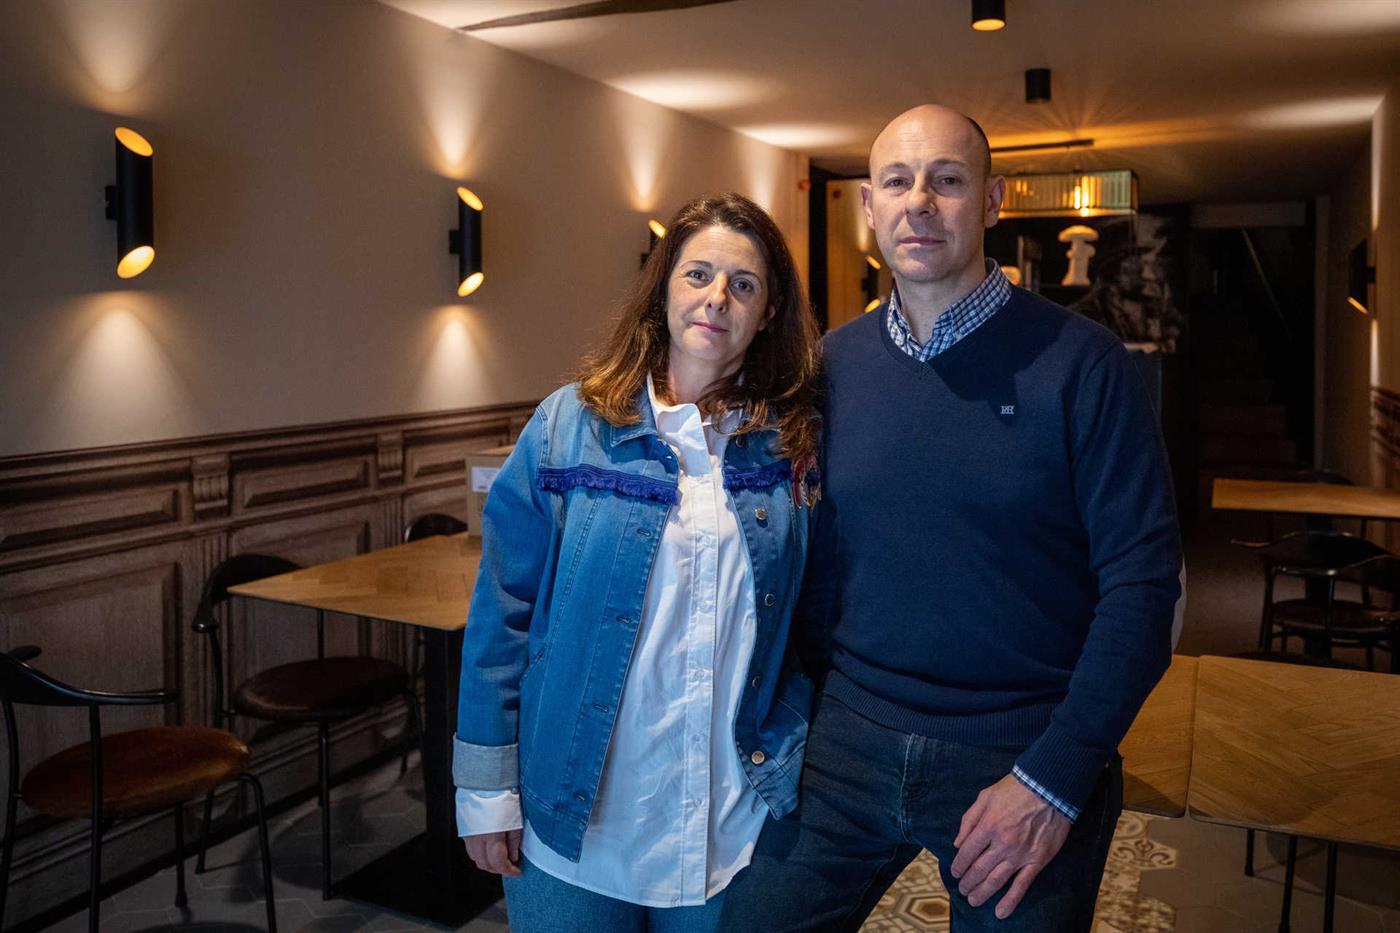 Christian Rullán junto ao seu restaurante, acompanhado pela mulher